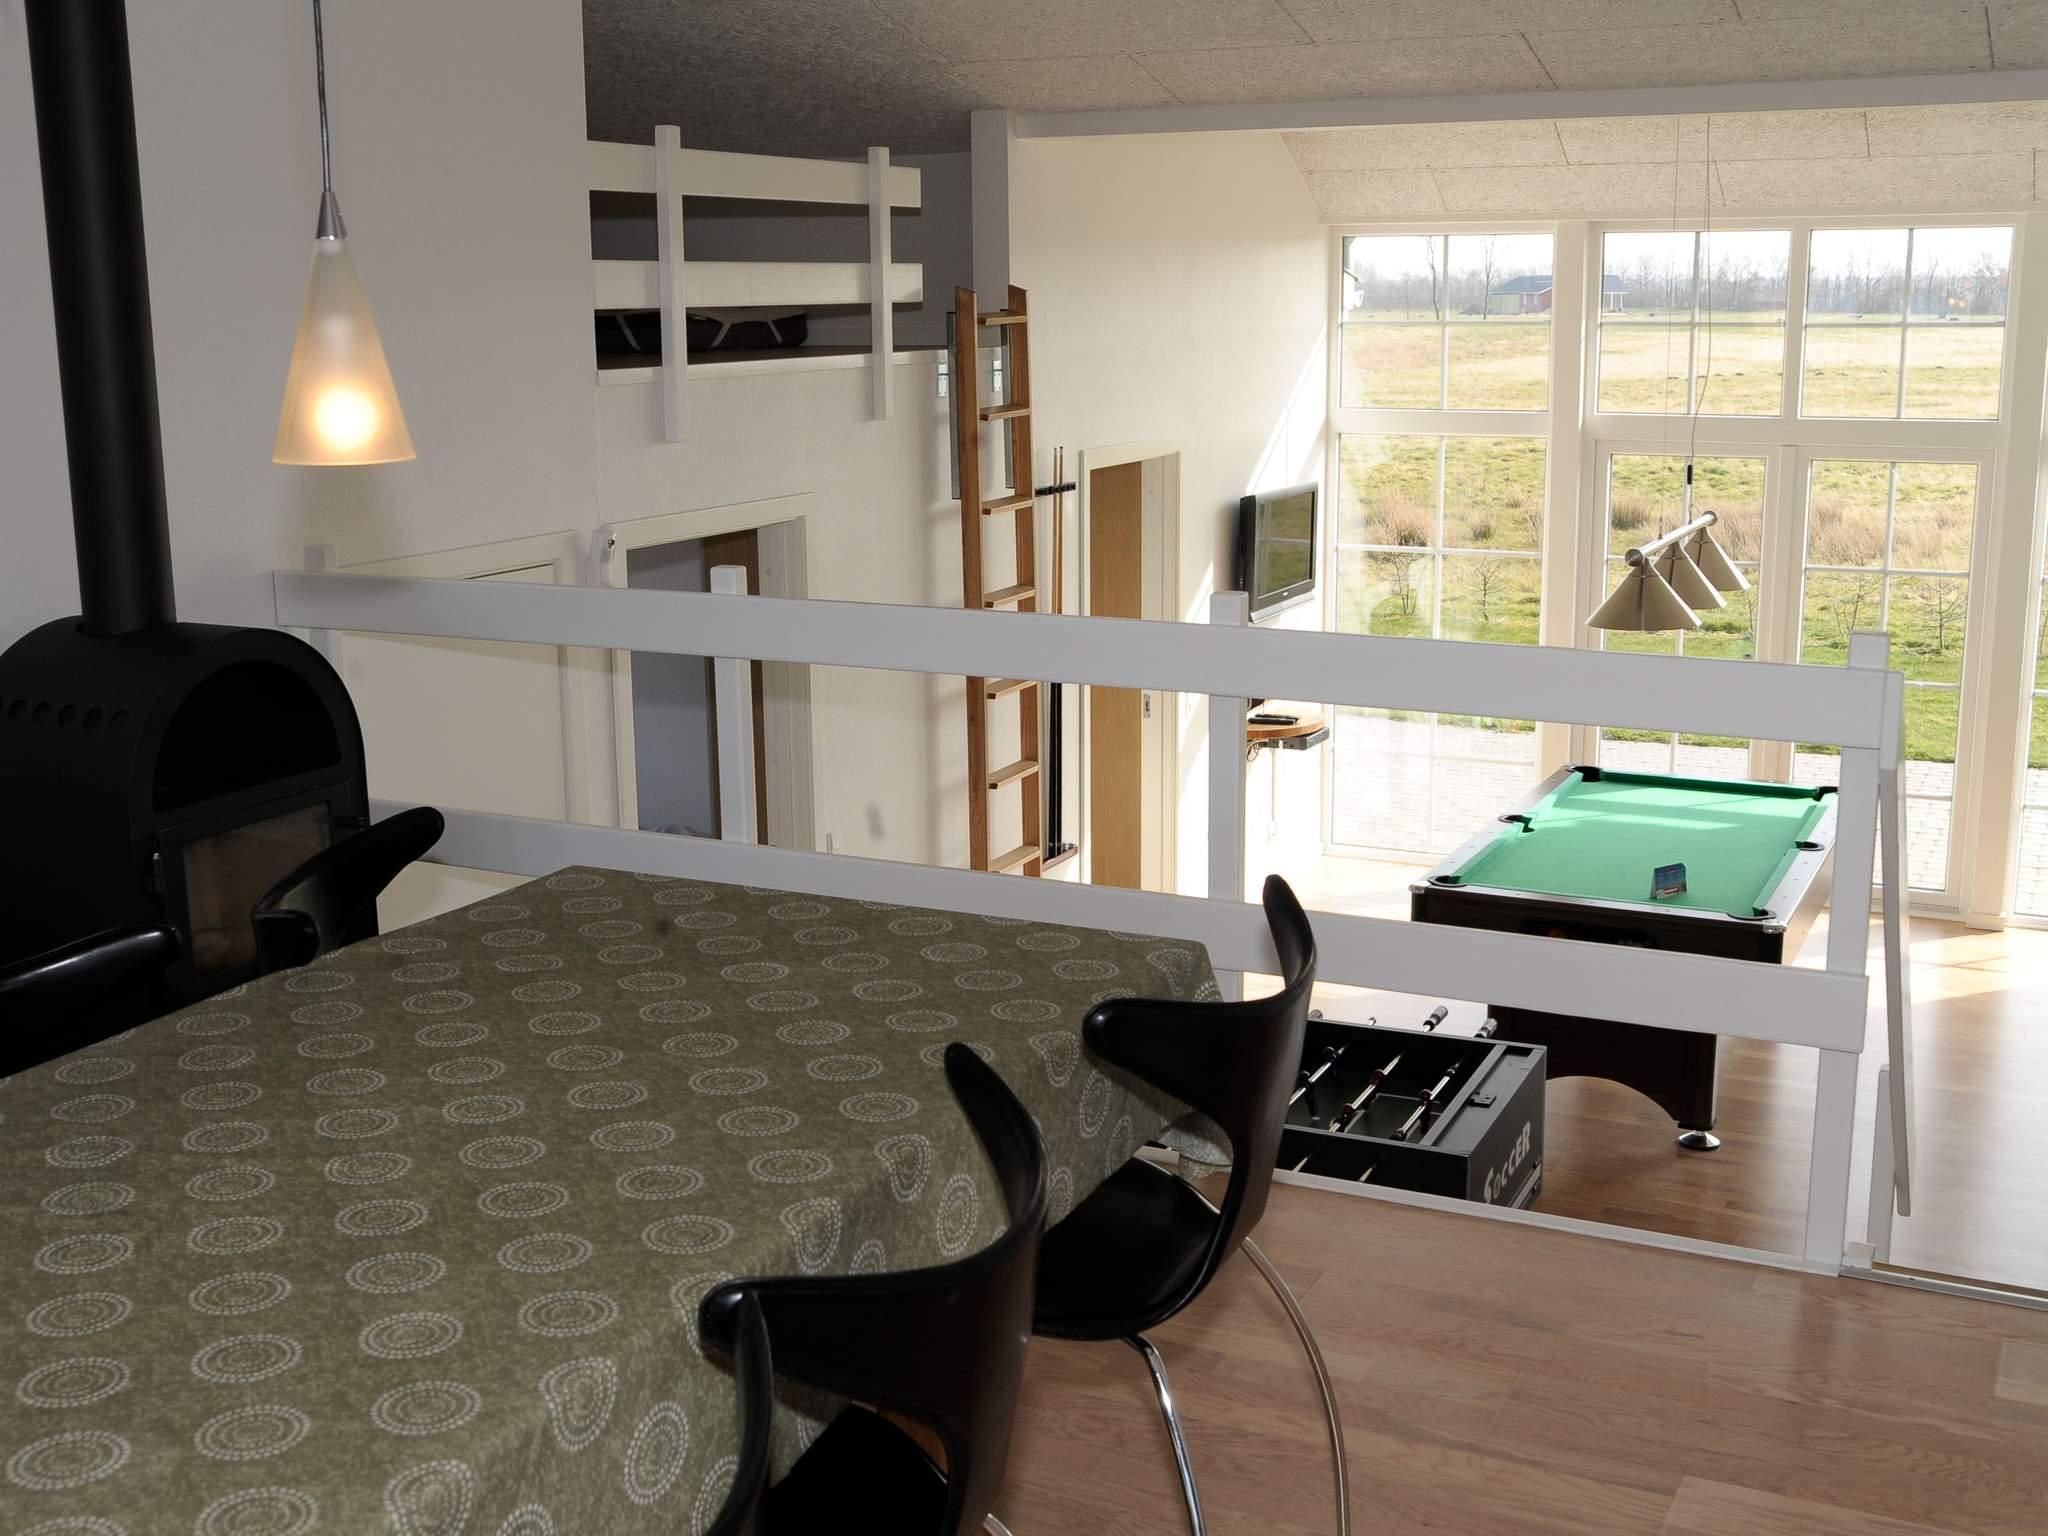 Ferienhaus Kvie Sø (318328), Kvie, , Westjütland, Dänemark, Bild 4